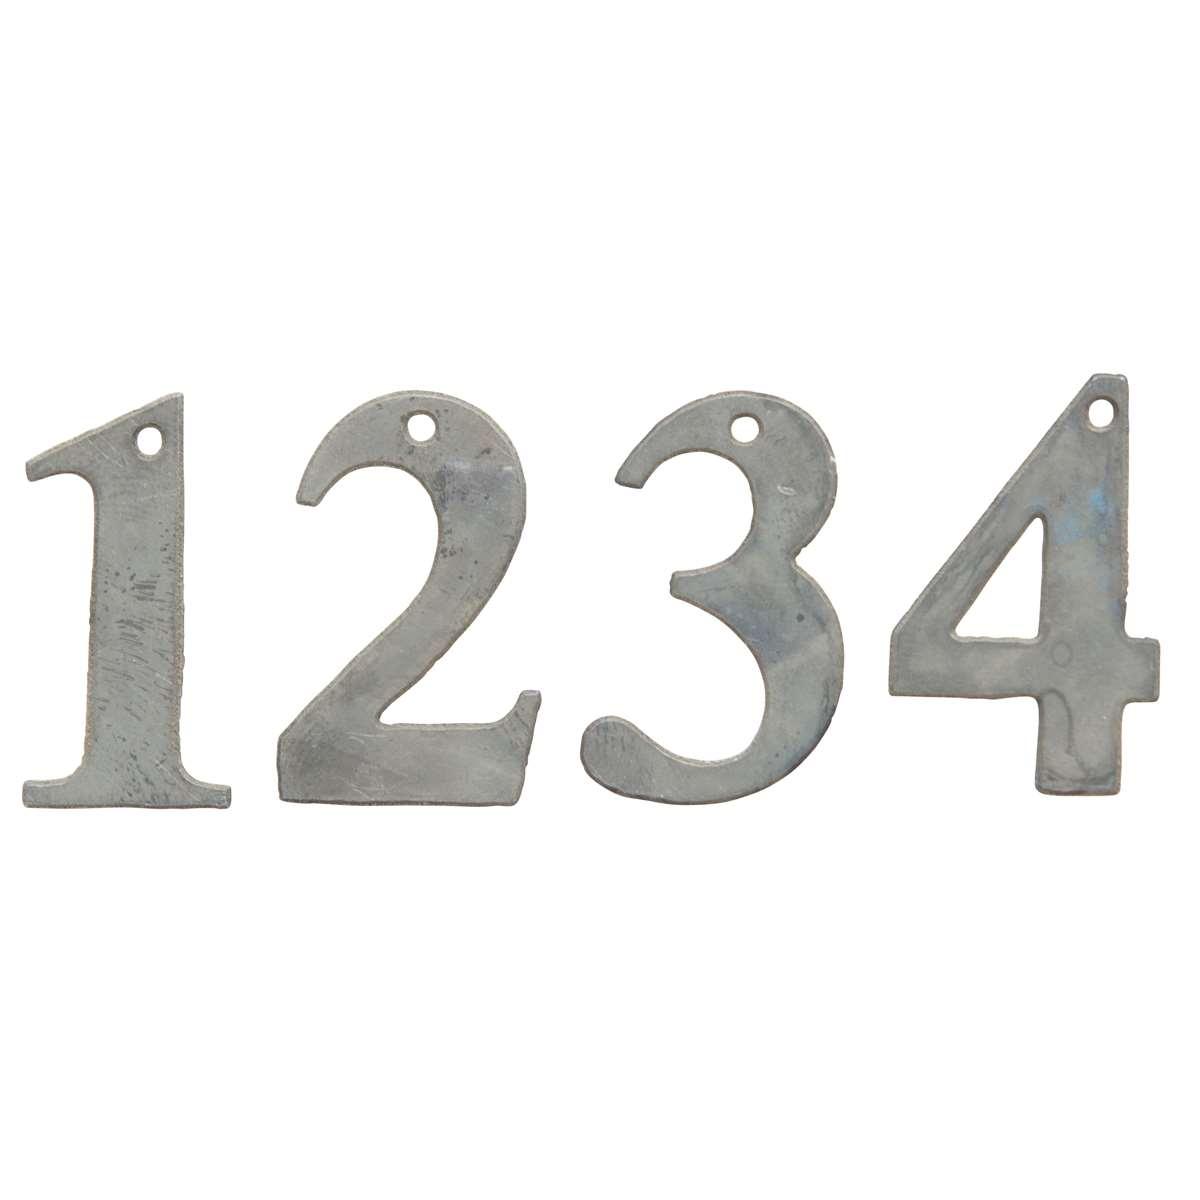 Zahlen 1 4 für Kerzen Adventskrans Metall Ib Laursen ApS